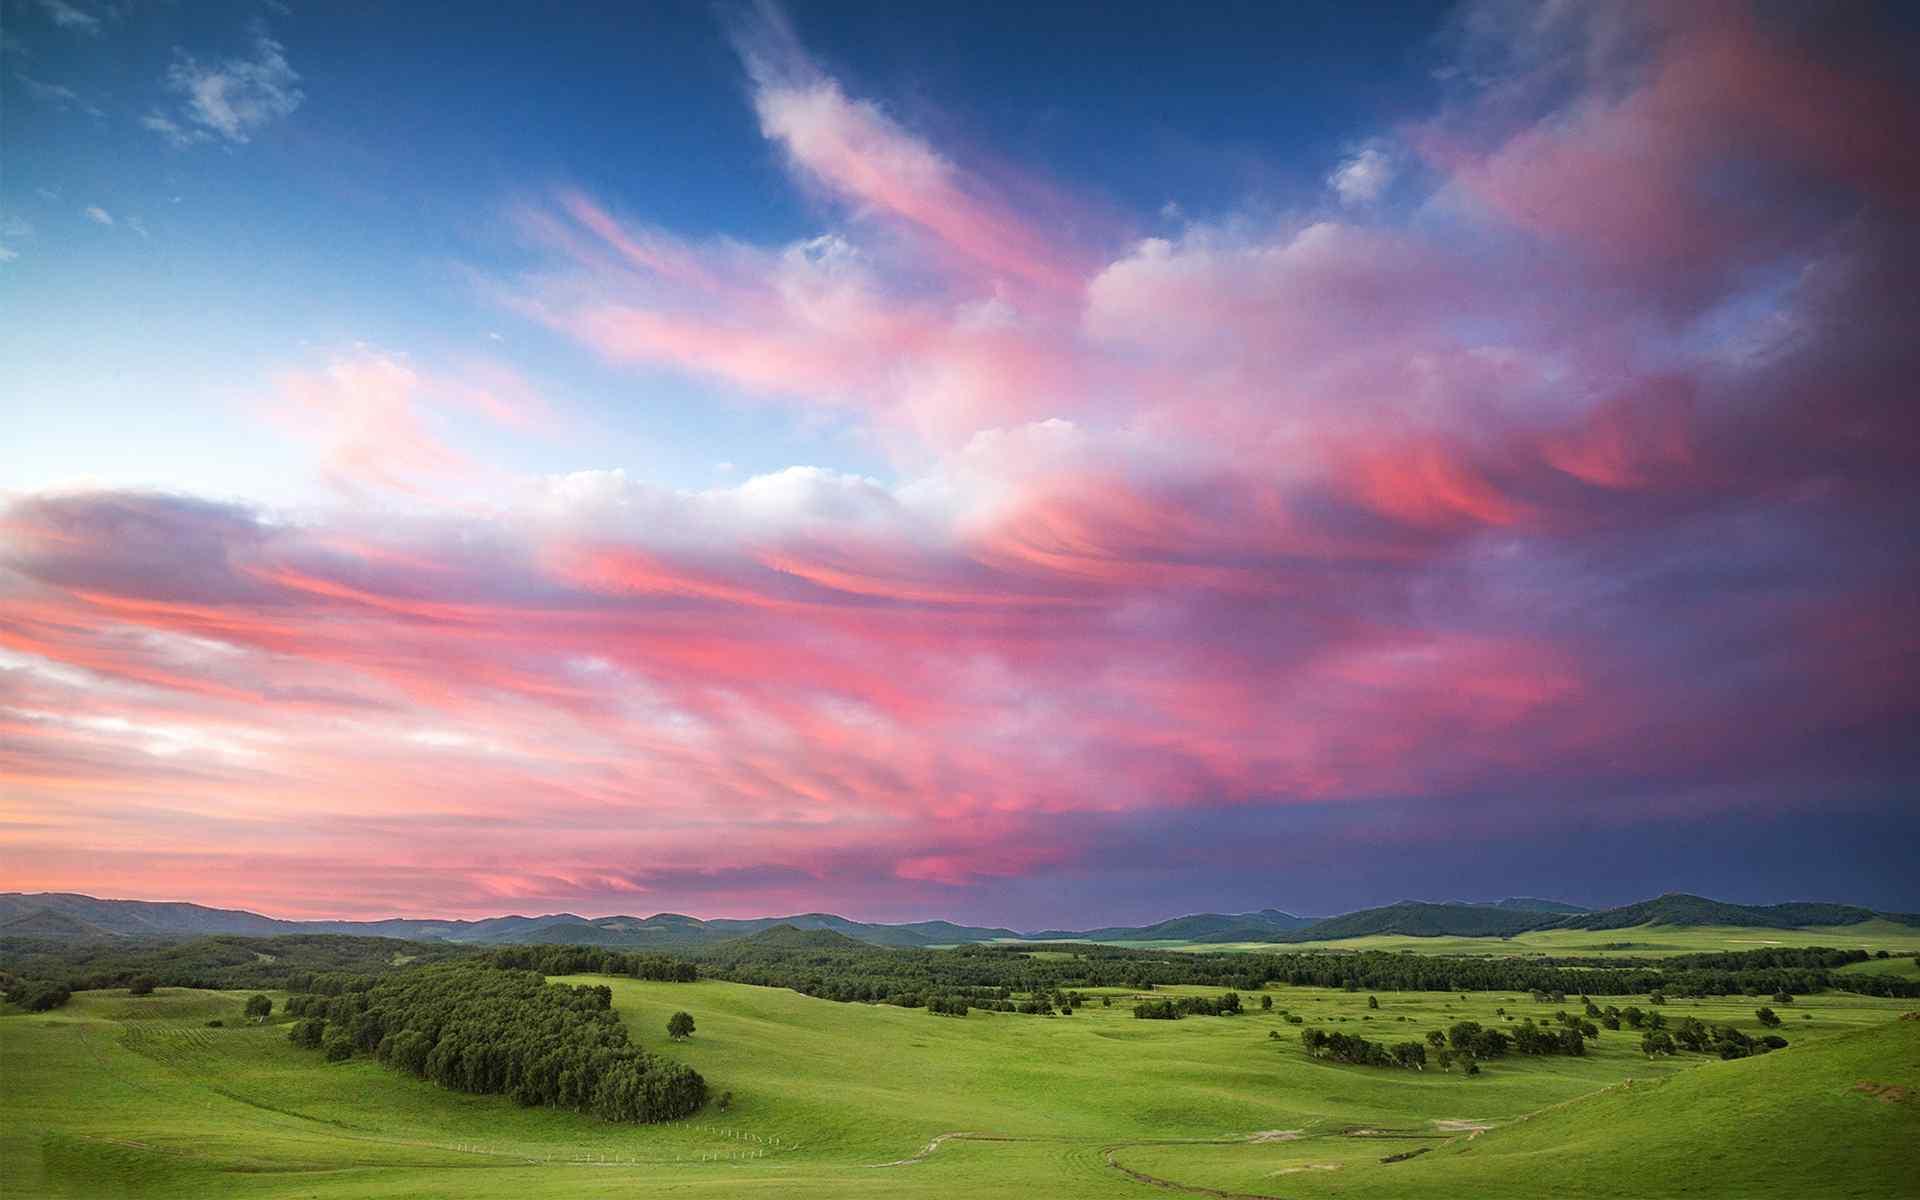 苍茫辽阔的大草原风景图片桌面壁纸